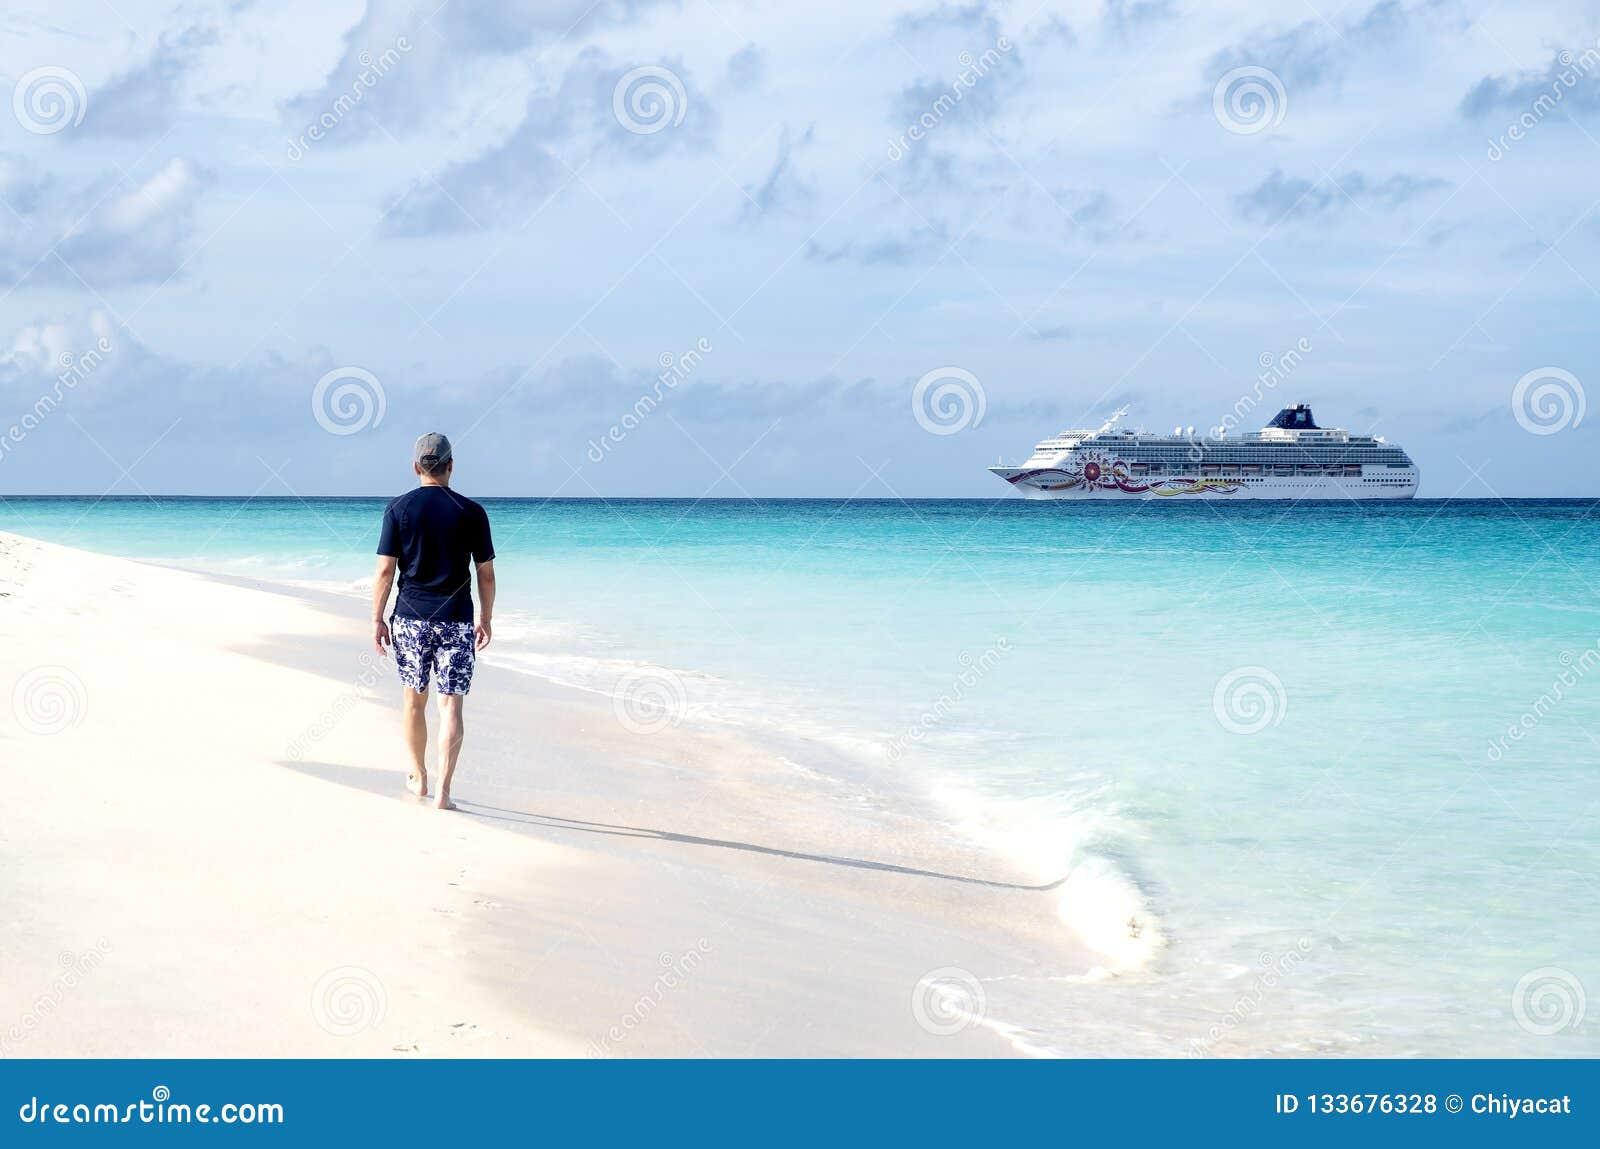 Achterweergeven van een Mens die op een Caraïbisch Strand lopen en een Cruiseschip bekijken